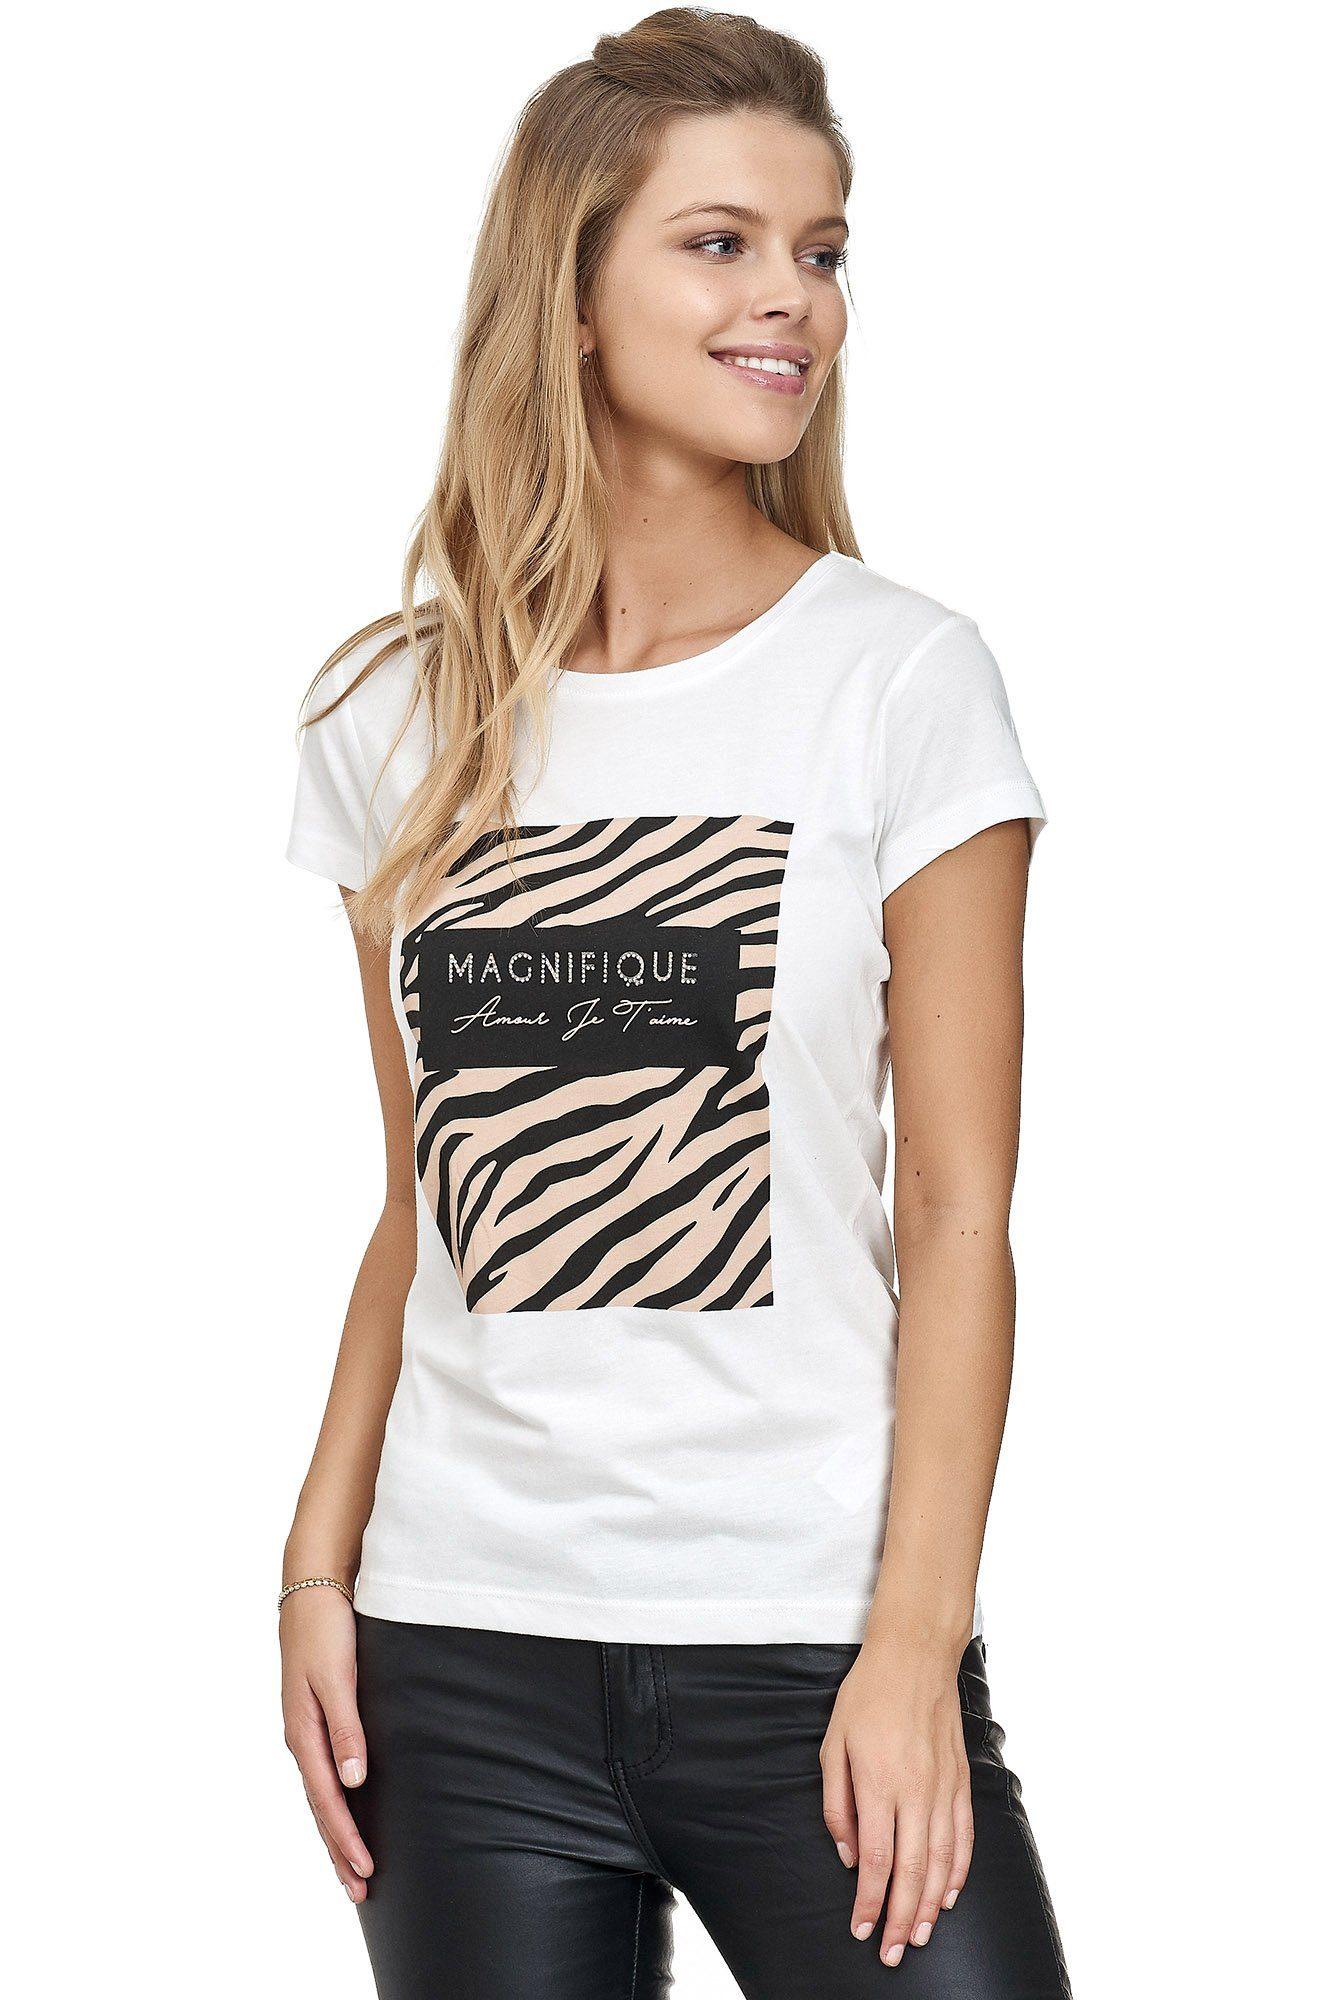 Decay T-shirt Mit Glänzendem Frontprint Aus Einer Weichen Baumwoll-modal-mischung Online Kaufen